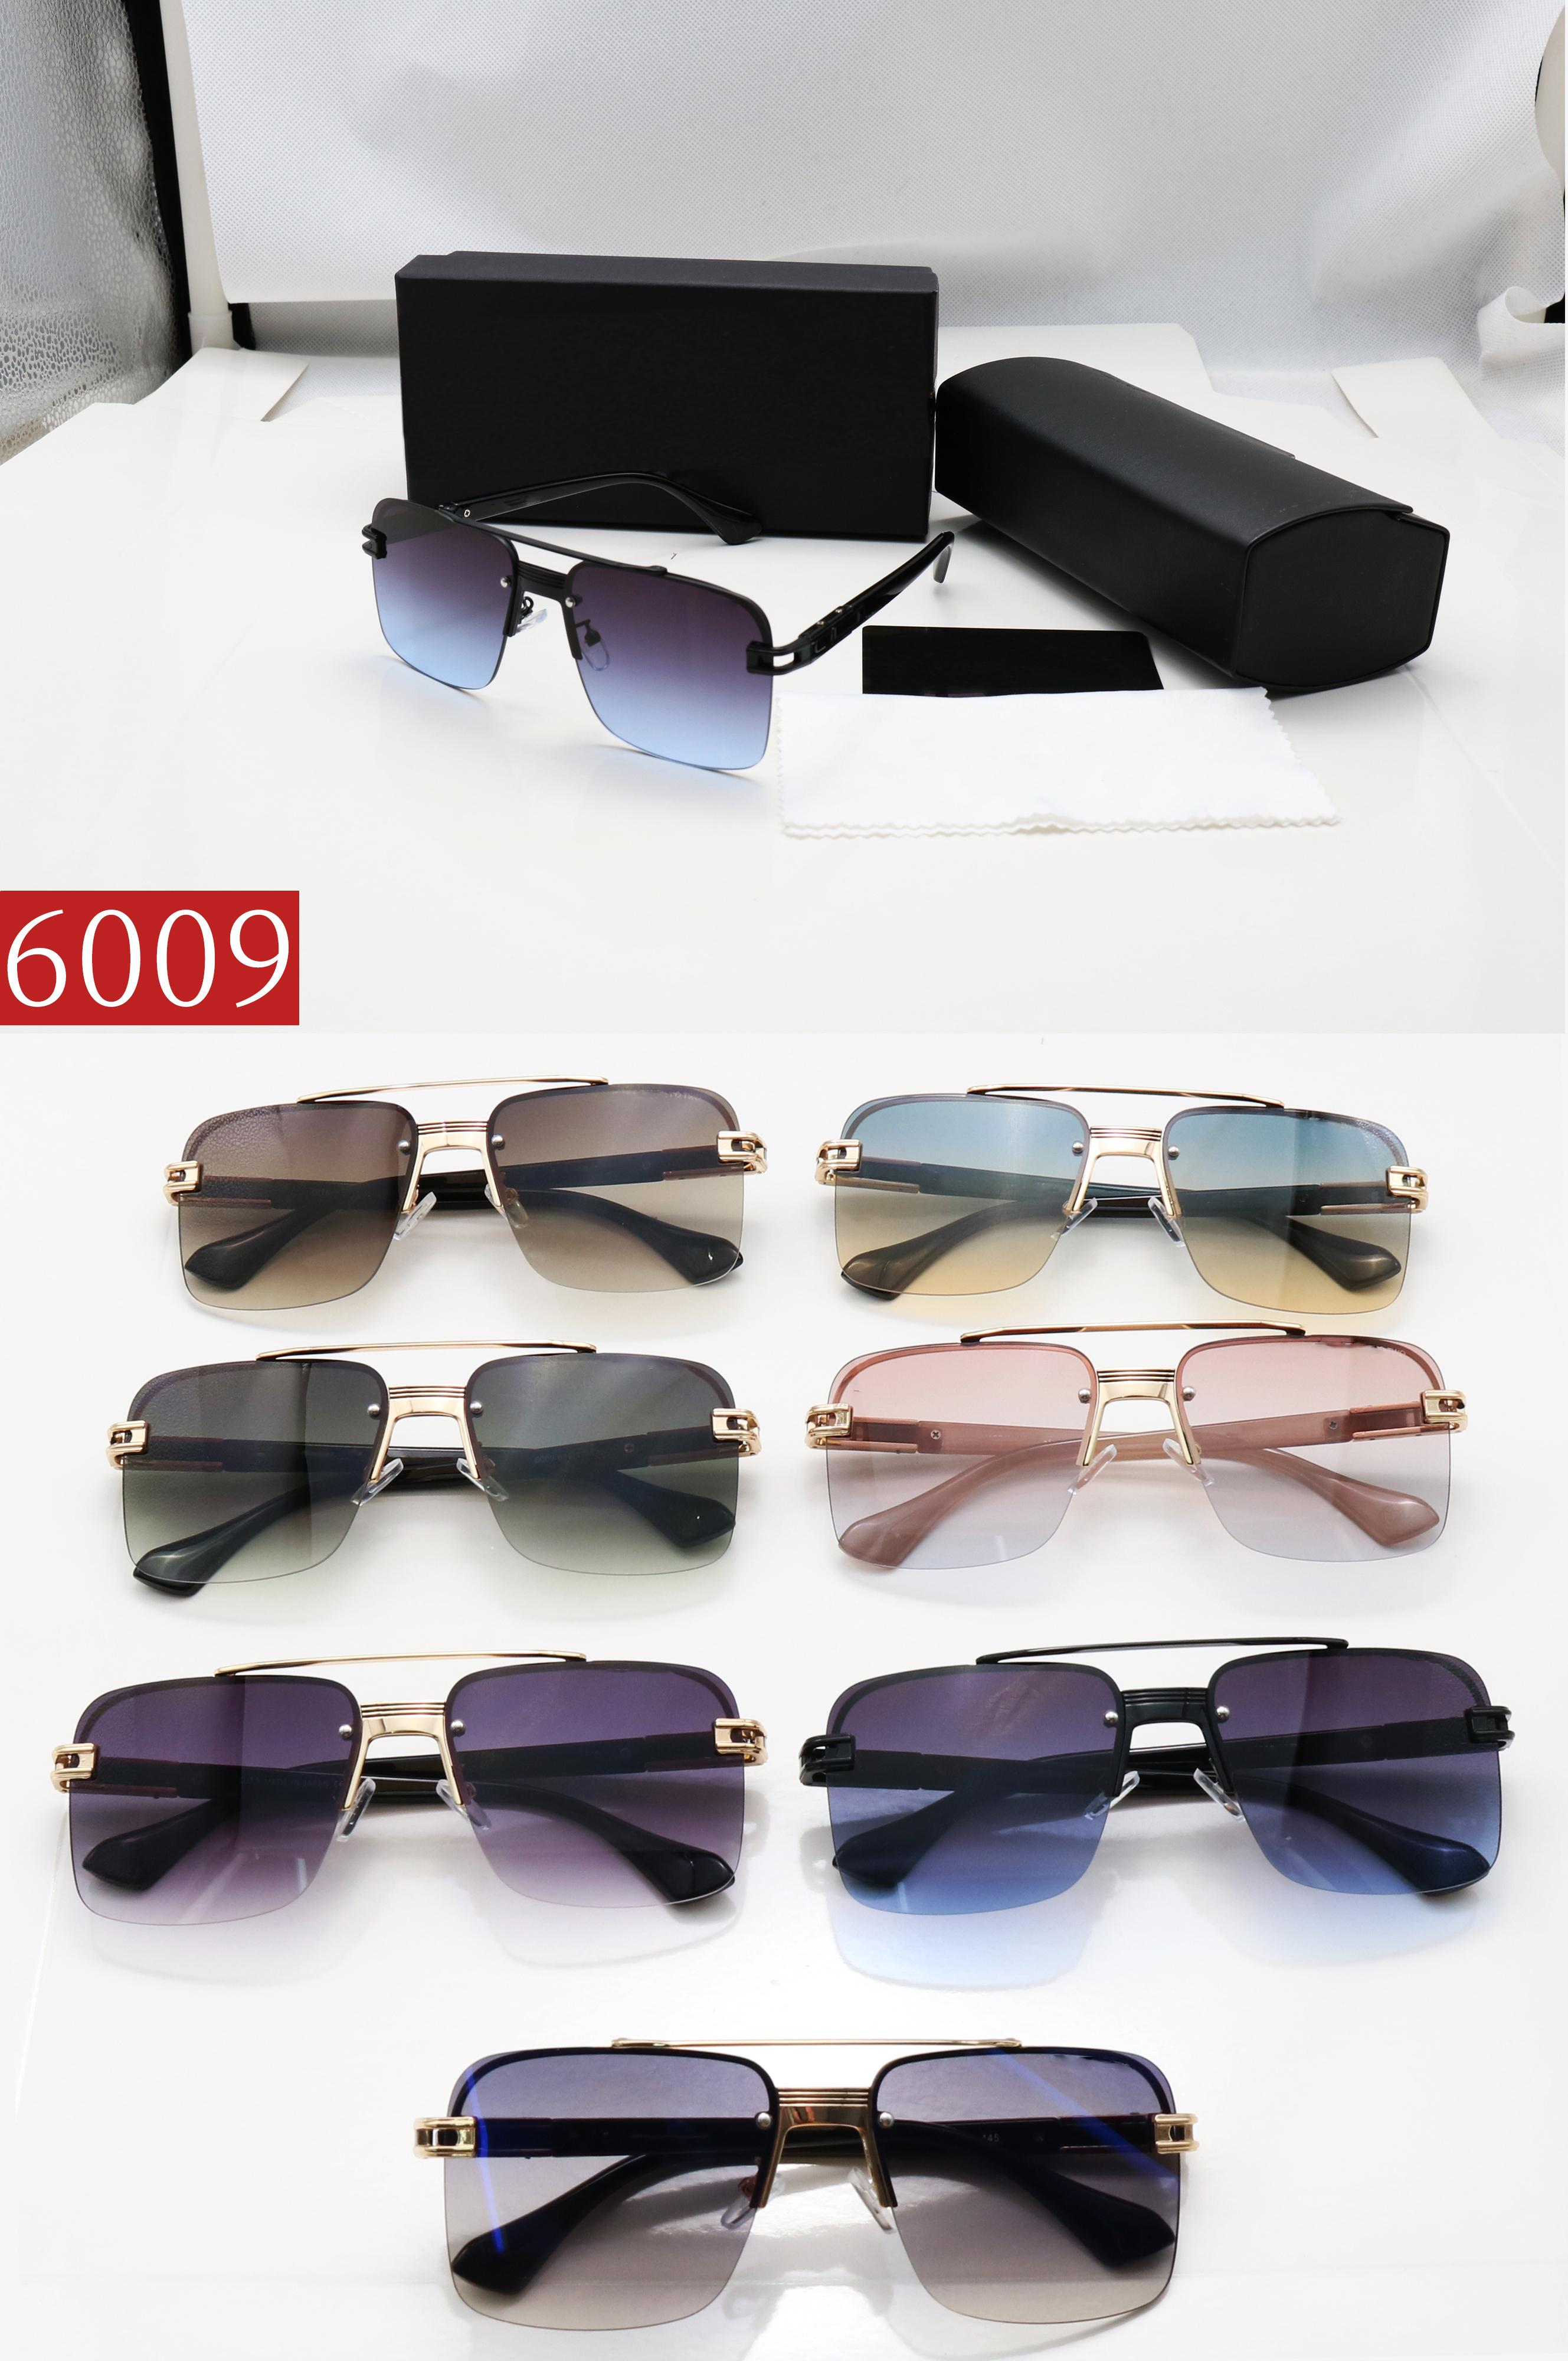 Großhandel Top Hohe Qualität 7 Arten von Stil Mode Männer Frauen Sonnenbrille Sonderbrille Anti UV UV400 Retro Gradient Farbobjektiv Sonnenbrille Geschenke